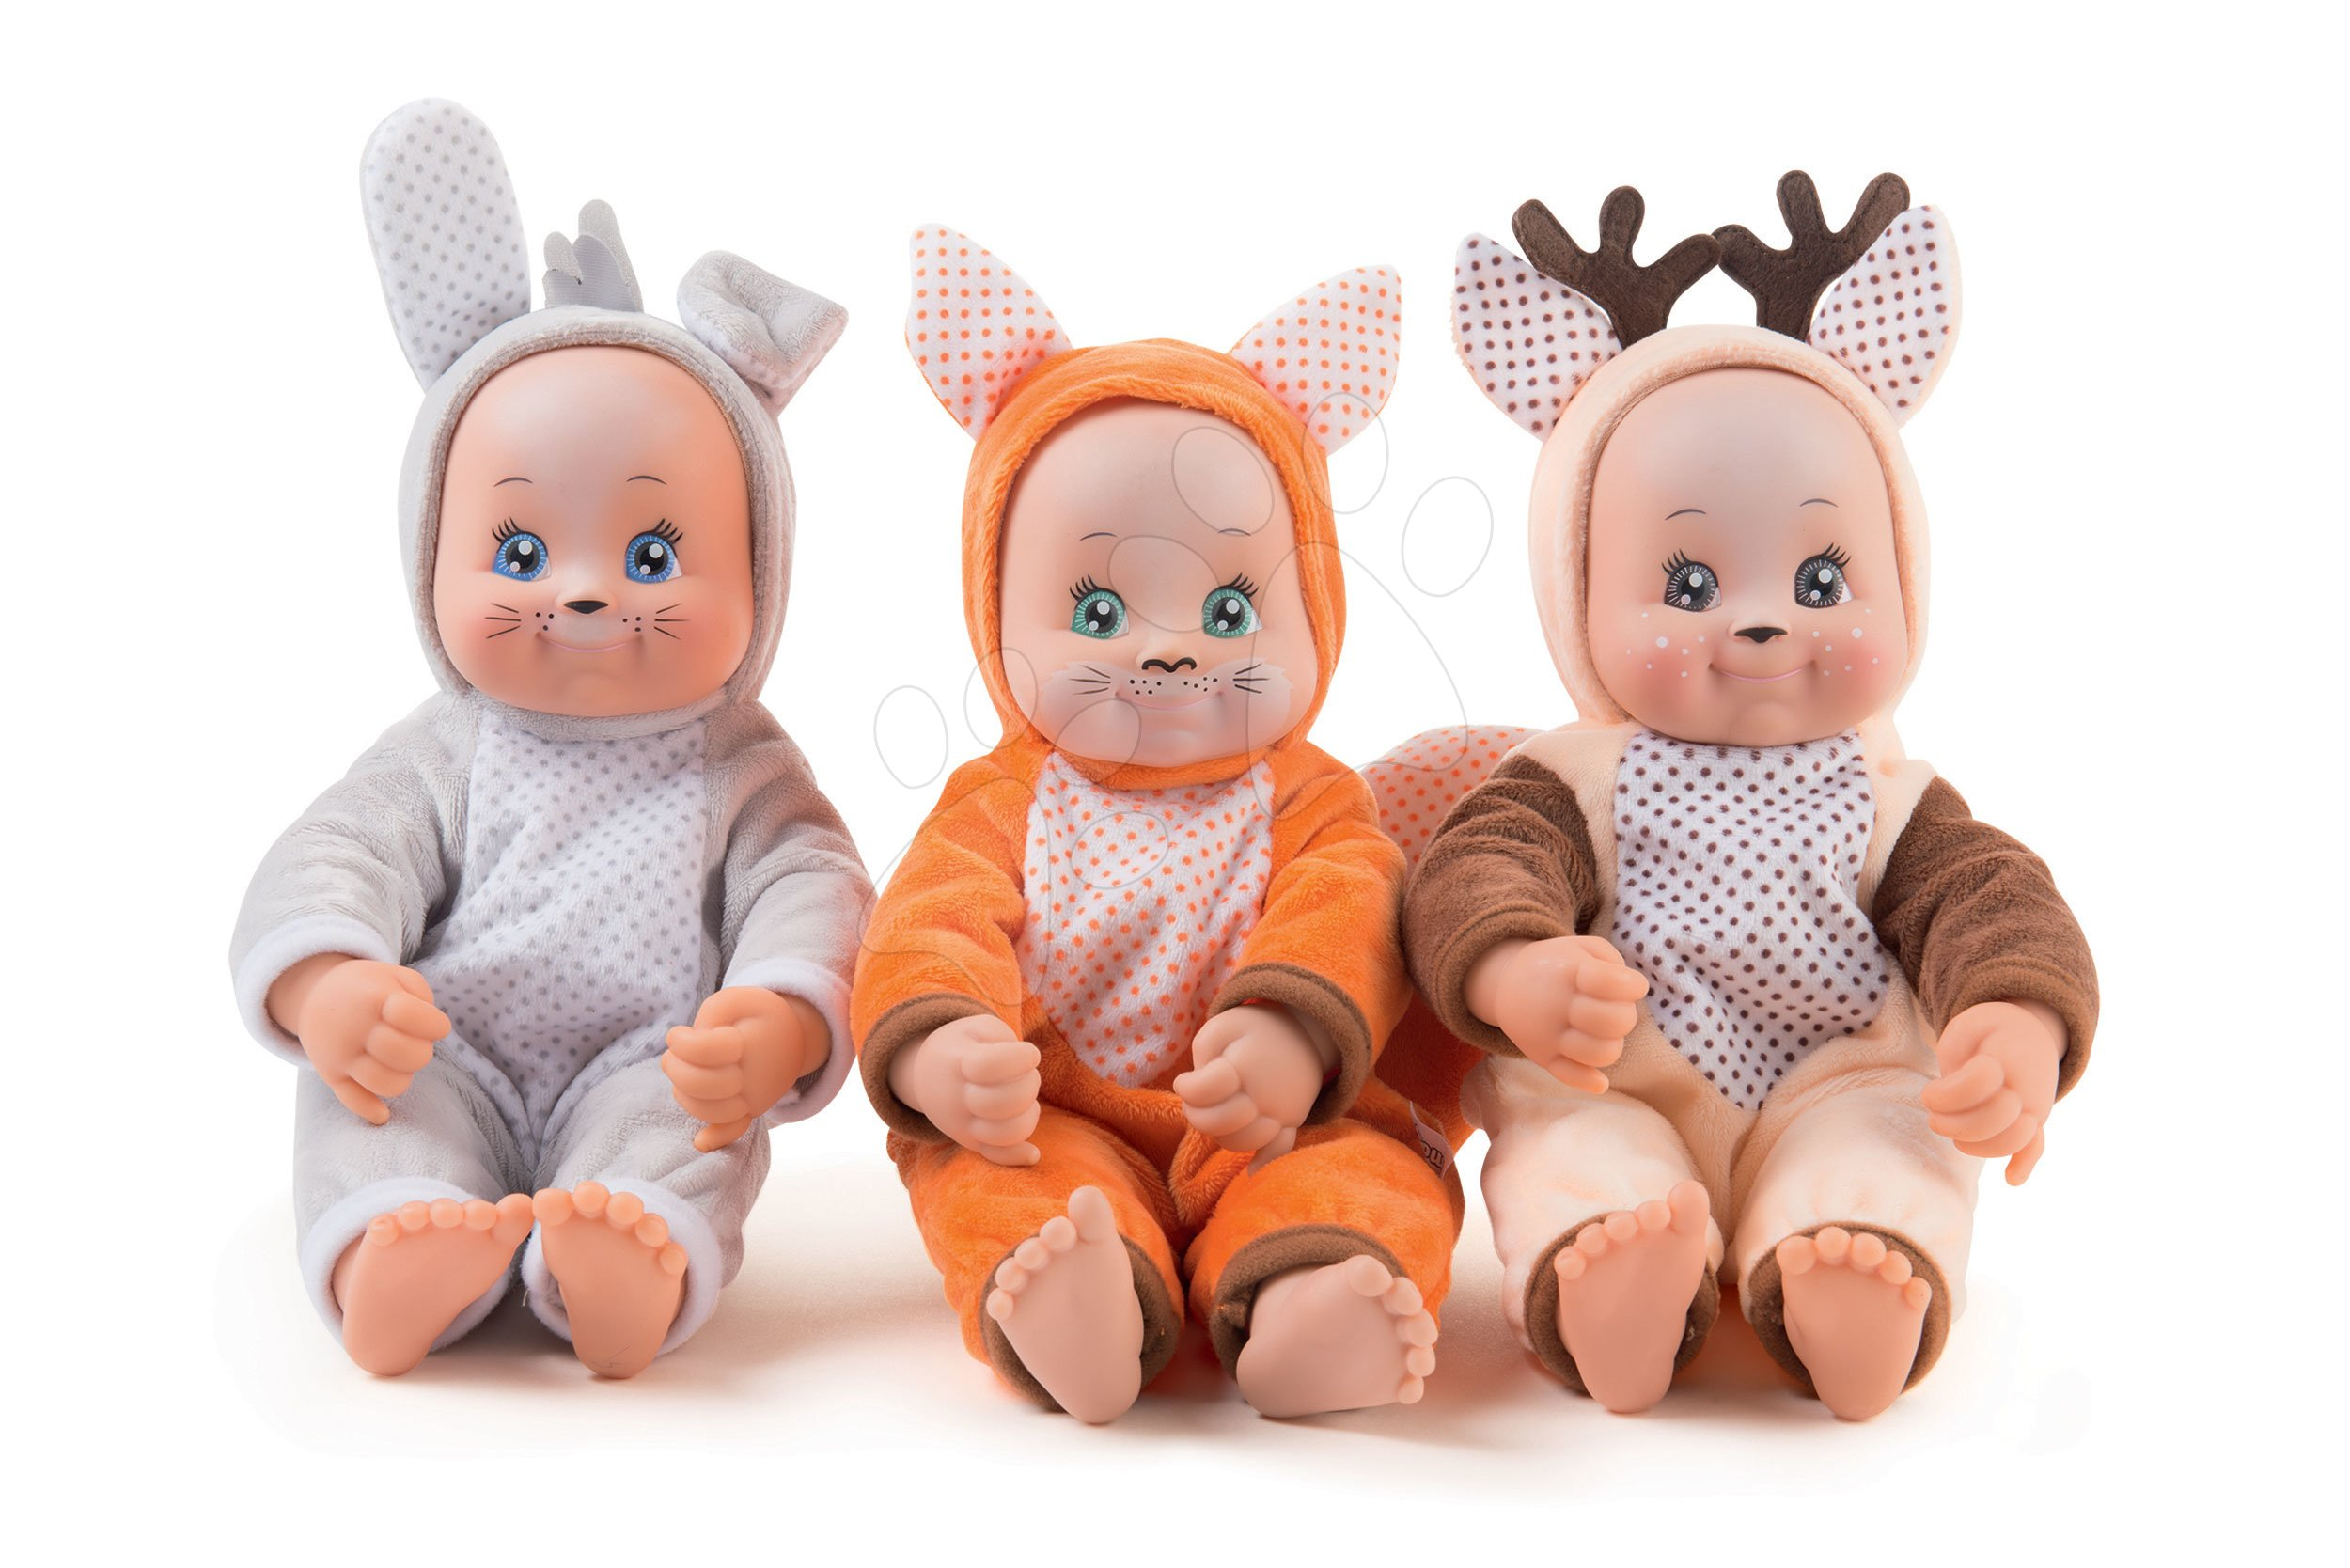 Bábiky od 9 mesiacov - Bábika v kostýme zvieratká Animal Doll Minikiss Smoby 27 cm so zvukom 3 druhy Líška Zajac Srnček od 12 mes